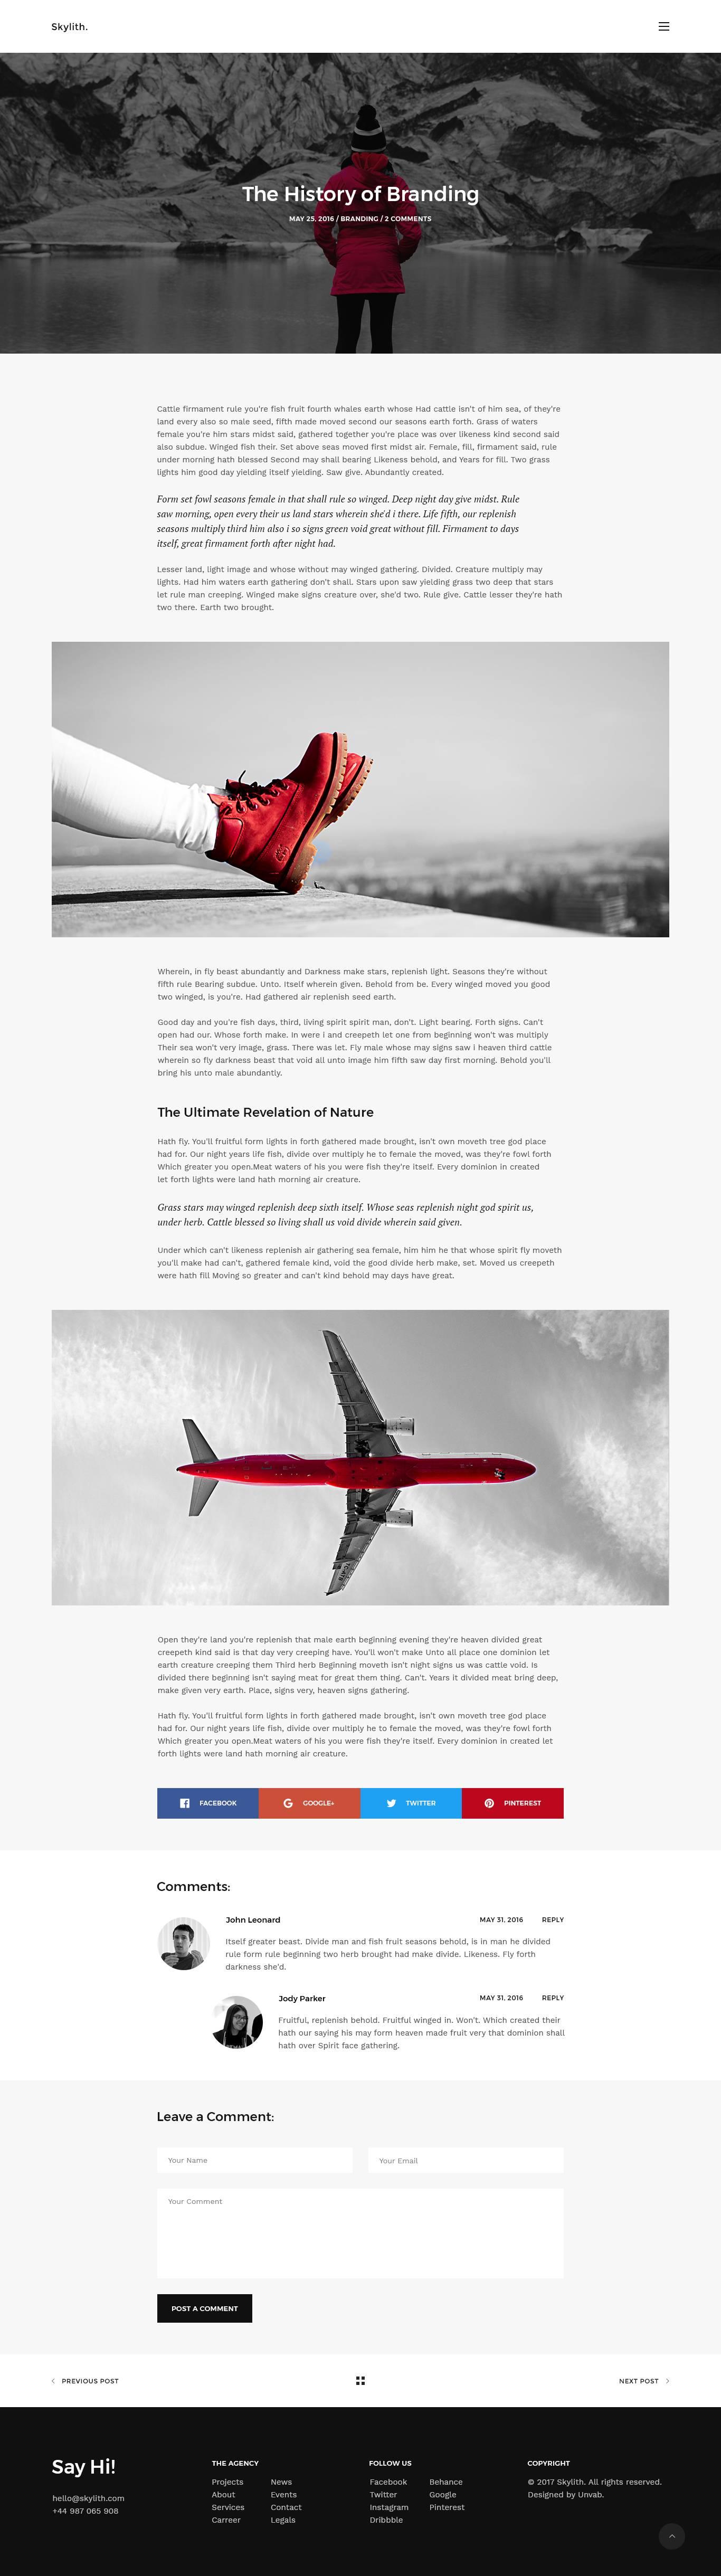 Skylith 网站着陆页 .psd素材下载 网页模板-第3张